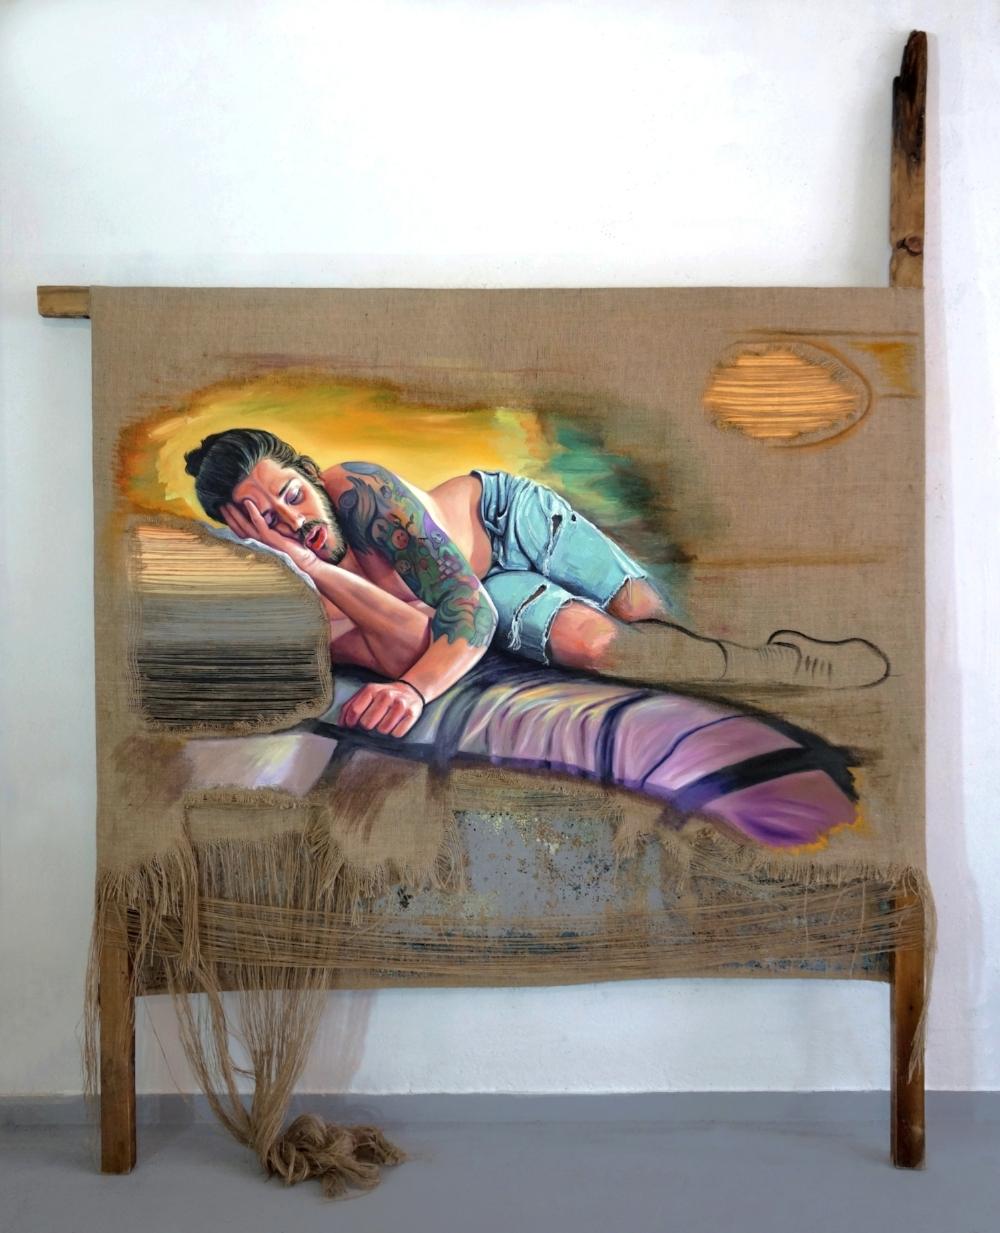 Alexandros, 2016, oil on burlap, acrylic, salvaged wood, 230x176cm